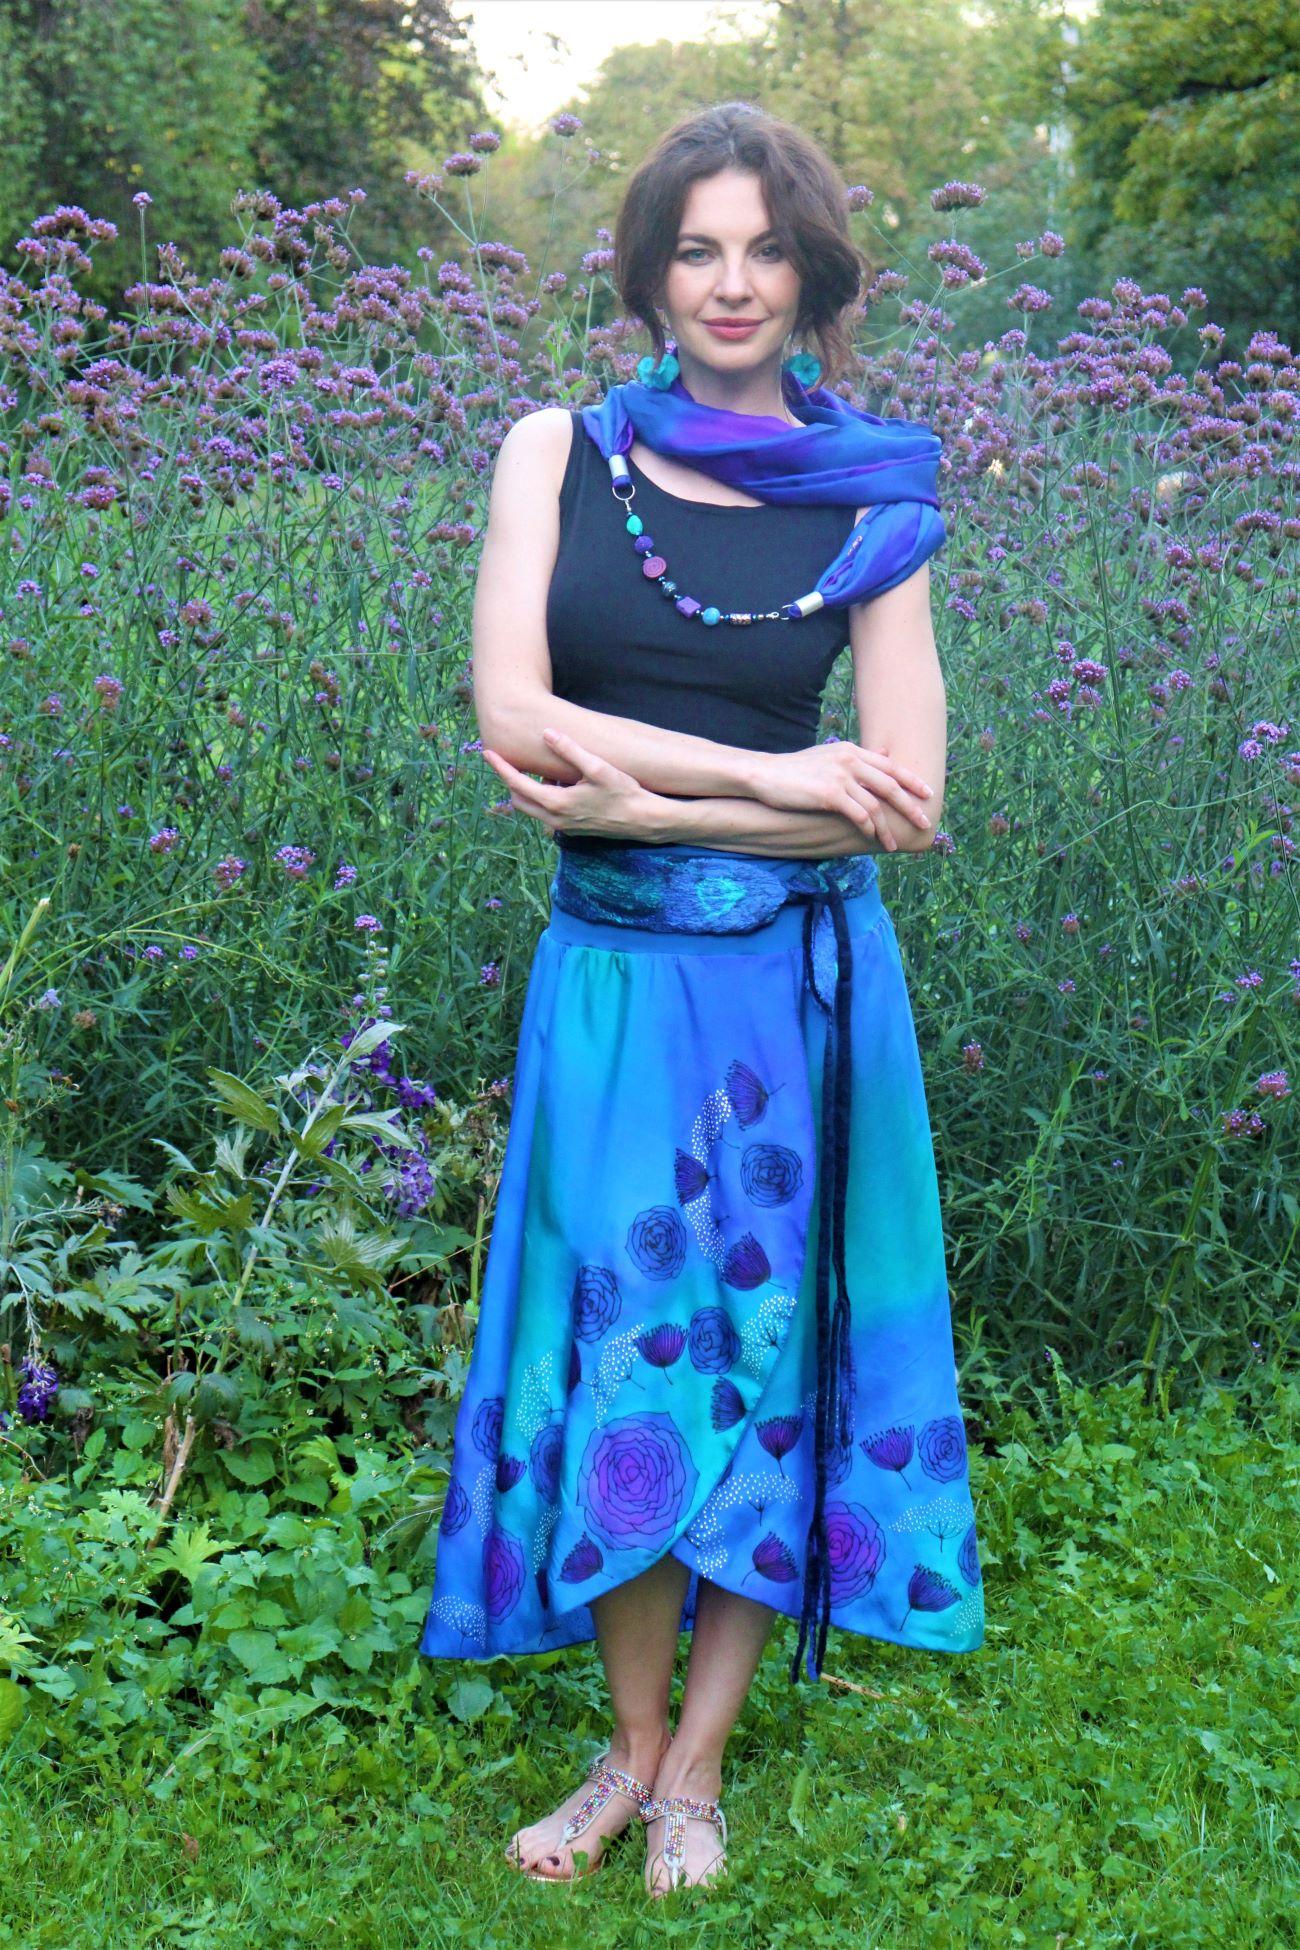 selyem szoknya kézzel festve kék rózsával